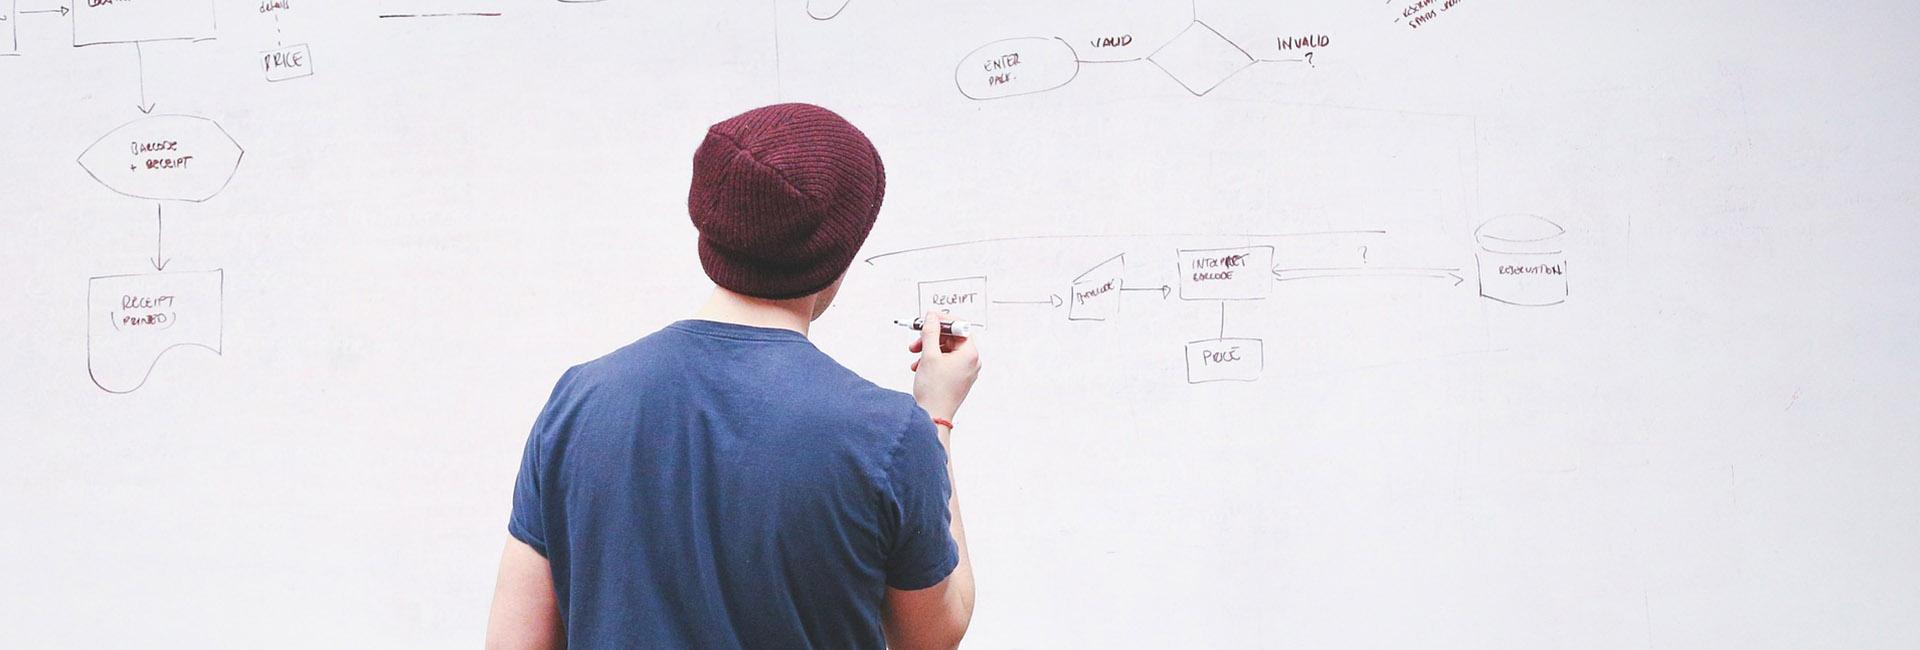 Da li je vaš dizajn upotrebljiv za sve?